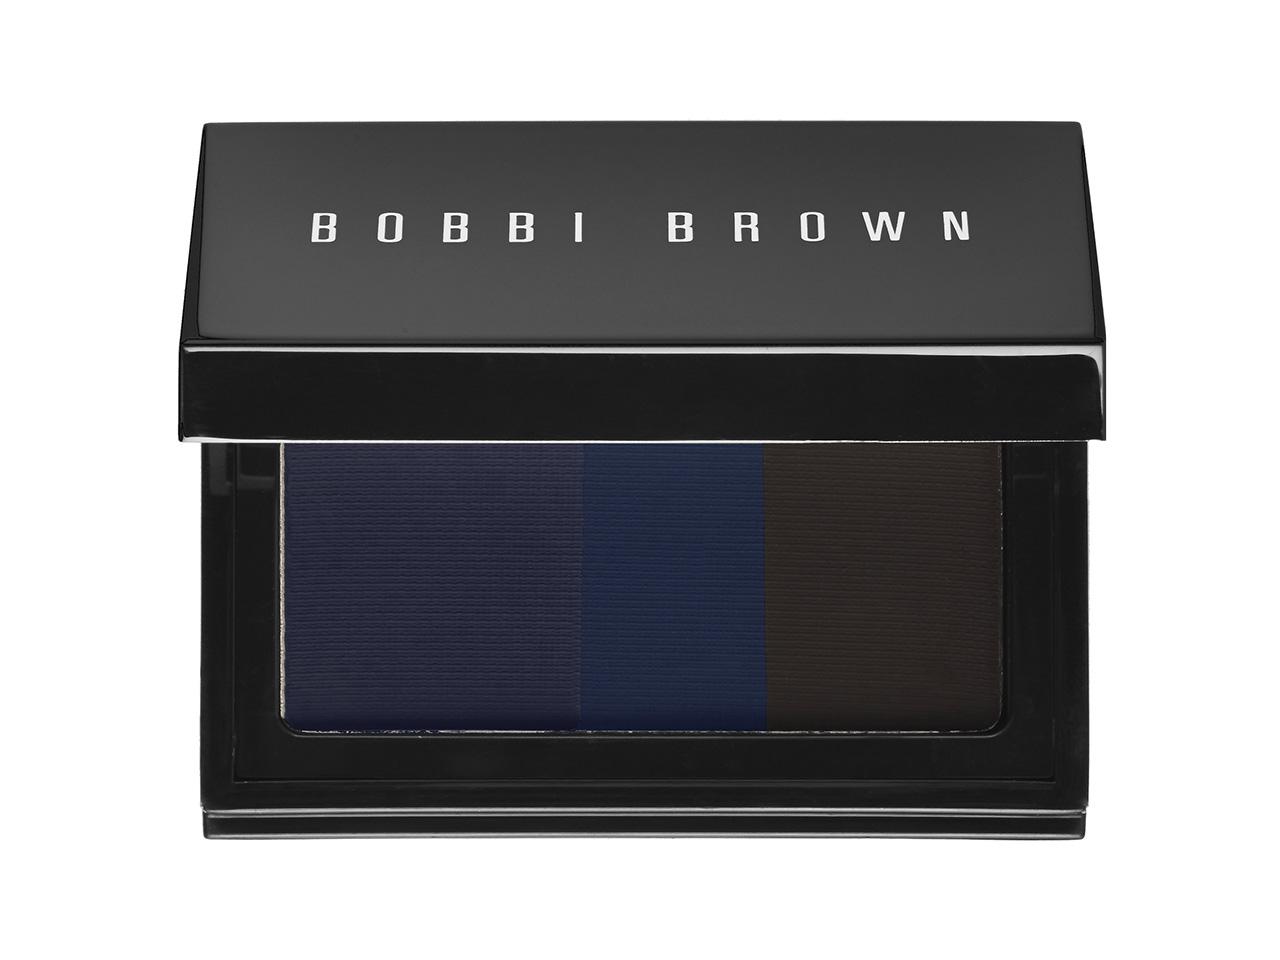 Палетка для век Bobbi Brown Intense Pigment Eyeliner, цена $36 Не имеет значения, какой макияж ты предпочитаешь – легкий, с мягкими оттенками и градиентом или насыщенный, с актуальными в этом сезоне темными smoky eyes, палетка Bobbi Brown Intense Pigment Eyeliner – удовлетворит любое твое желание! Палитра включает 3 оттенка, которые можно носить как по отдельности, так и смешивая друг с другом. Формула отличается высокой пигментированностью и стойкостью – для того, чтобы сделать модные smoky, тебе достаточно нанести на веки капельку продукта  - оттенки безупречно растушевываются и сливаются в потрясающую дымчато-синюю комбинацию.   Available online at nordstrom.com.   Палетка для макияжа Stila A Whole Lot Of Love Set, цена $59 Эта рождественская палетка для макияжа содержит все, классические и самые востребованные оттенки марки Stila, с помощью которых ты сможешь выполнить любой макияж – от естественного до вечернего. Комбинация из 20 оттенков теней (нейтральные матовые и с шиммером, а также высокопигментированные яркие оттенки), 4 оттенка румяна, и deluxe-размер новой туши для ресниц от Stila – в качестве бонуса!   Бальзам для зоны вокруг глаз Caudalie Resveratrol Lift Eye Lifting Balm, цена $62 Новый охлаждающий бальзам для глаз содержит мощный антиоксидант – ресвератрол, добытый из винограда. Этот чудо-компонент занижает и восстанавливает чувствительную кожу вокруг глаз. Формула новинки направлена на борьбу со свободными радикалами, а также регенерацию уже поврежденных клеток кожи, плюс на активацию выработки эпидермисом собственной гиалуроновой кислоты. Бальзам можно использовать и вокруг губ и в зоне носогубных складок – чтобы предотвратить появление морщин и сгладить имеющиеся.